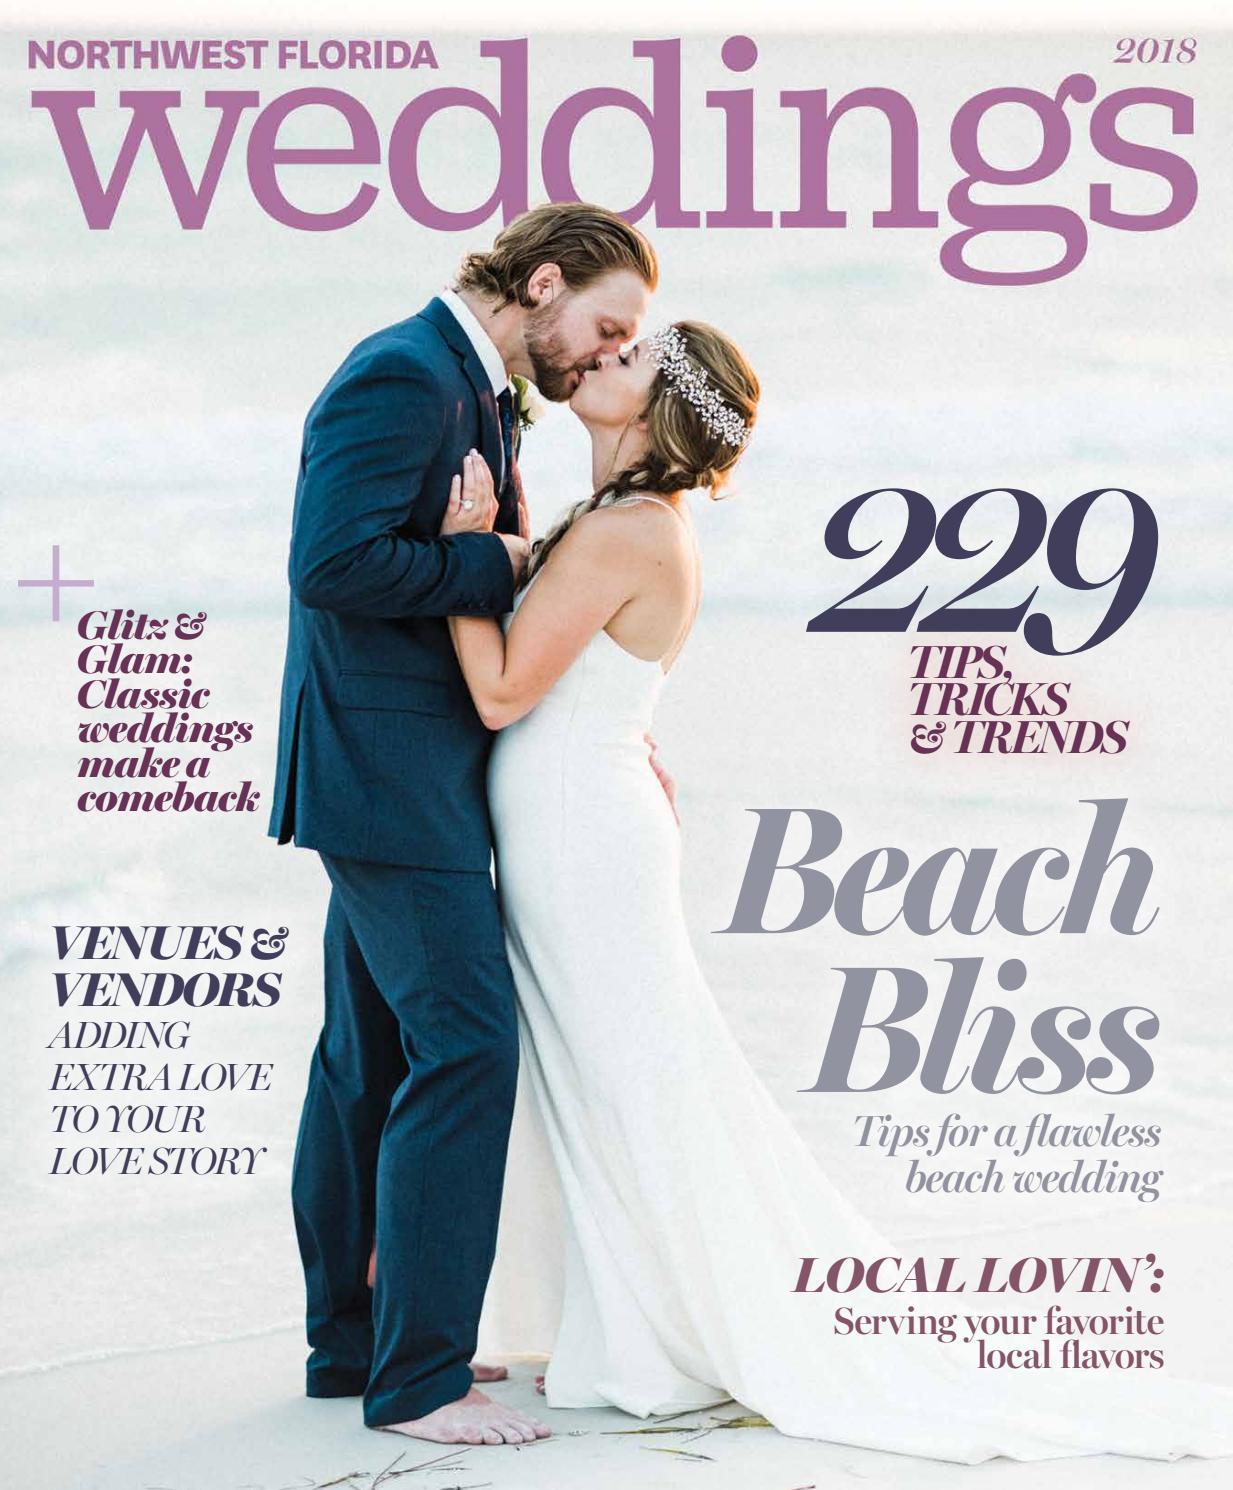 2018 Northwest Florida Weddings Magazine By Rowland Publishing